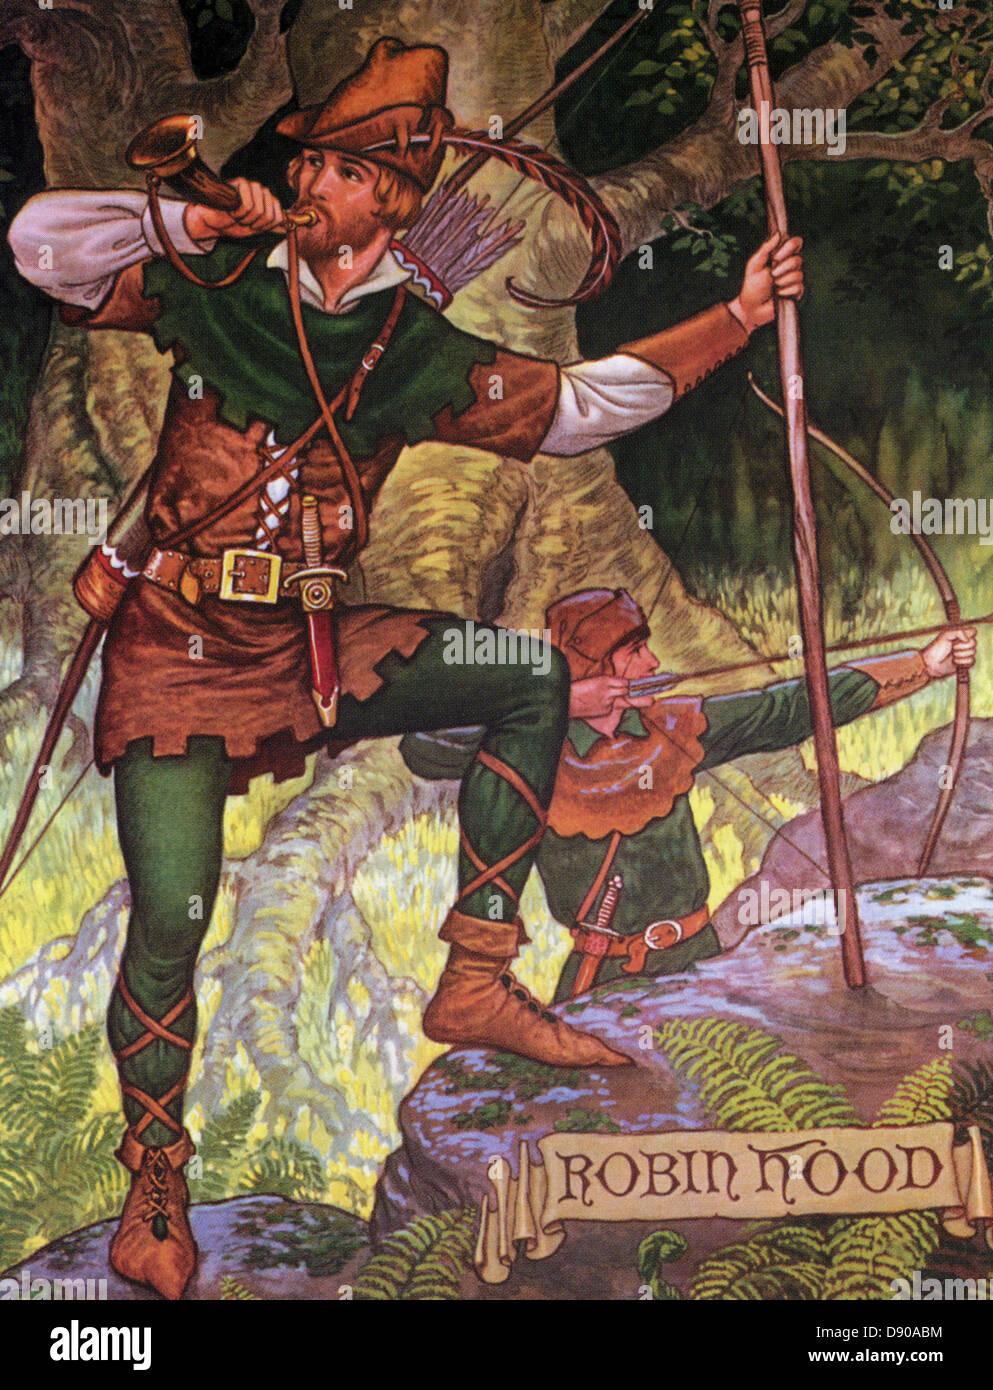 ROBIN HOOD britische Folklore Held in einem Buch der 1930er Jahre Stockbild